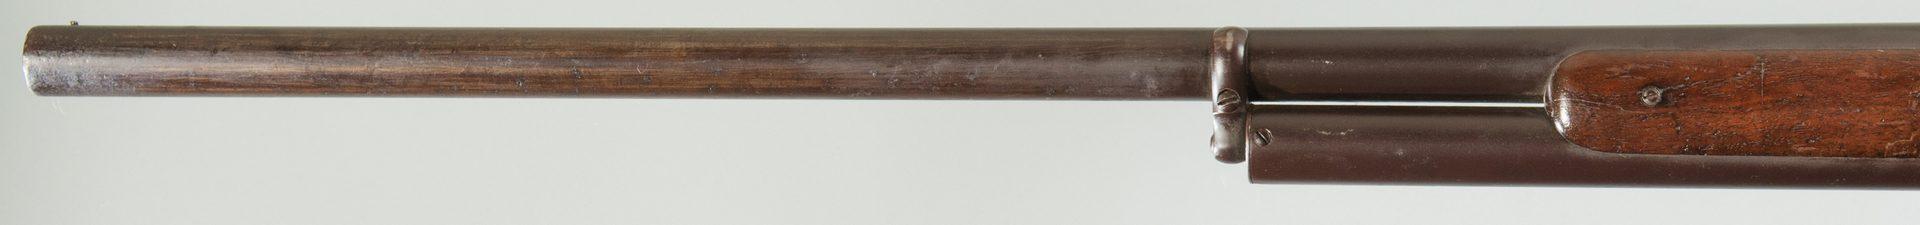 Lot 796: Winchester Model 1889, 10 Gauge Lever Action Shotgun